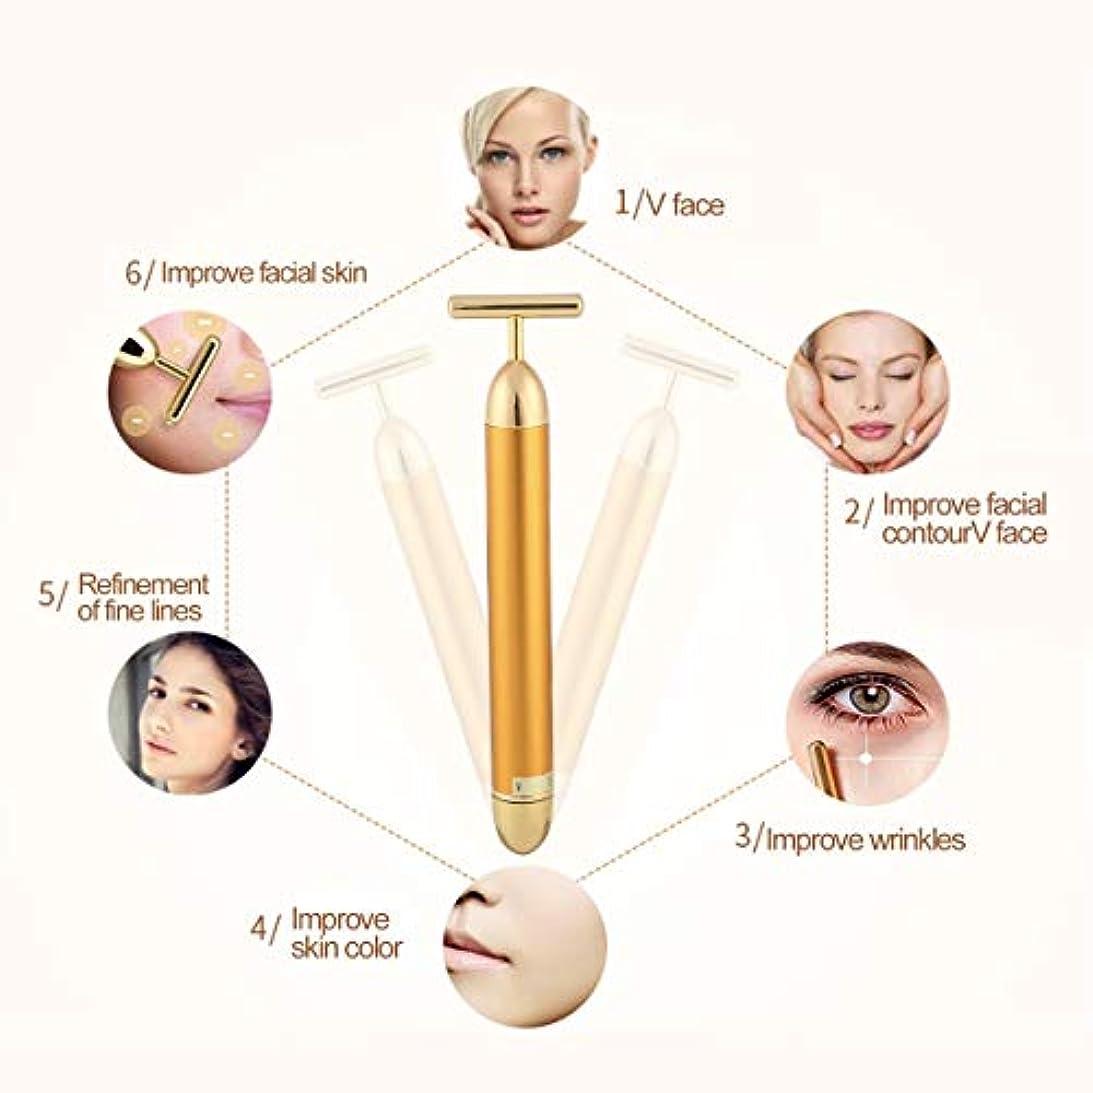 だます燃料ソートEnergy Beauty Tool Facial Massager T Shape Facial Beauty Care Vibration Facial Beauty Massager Energy Vibrating...